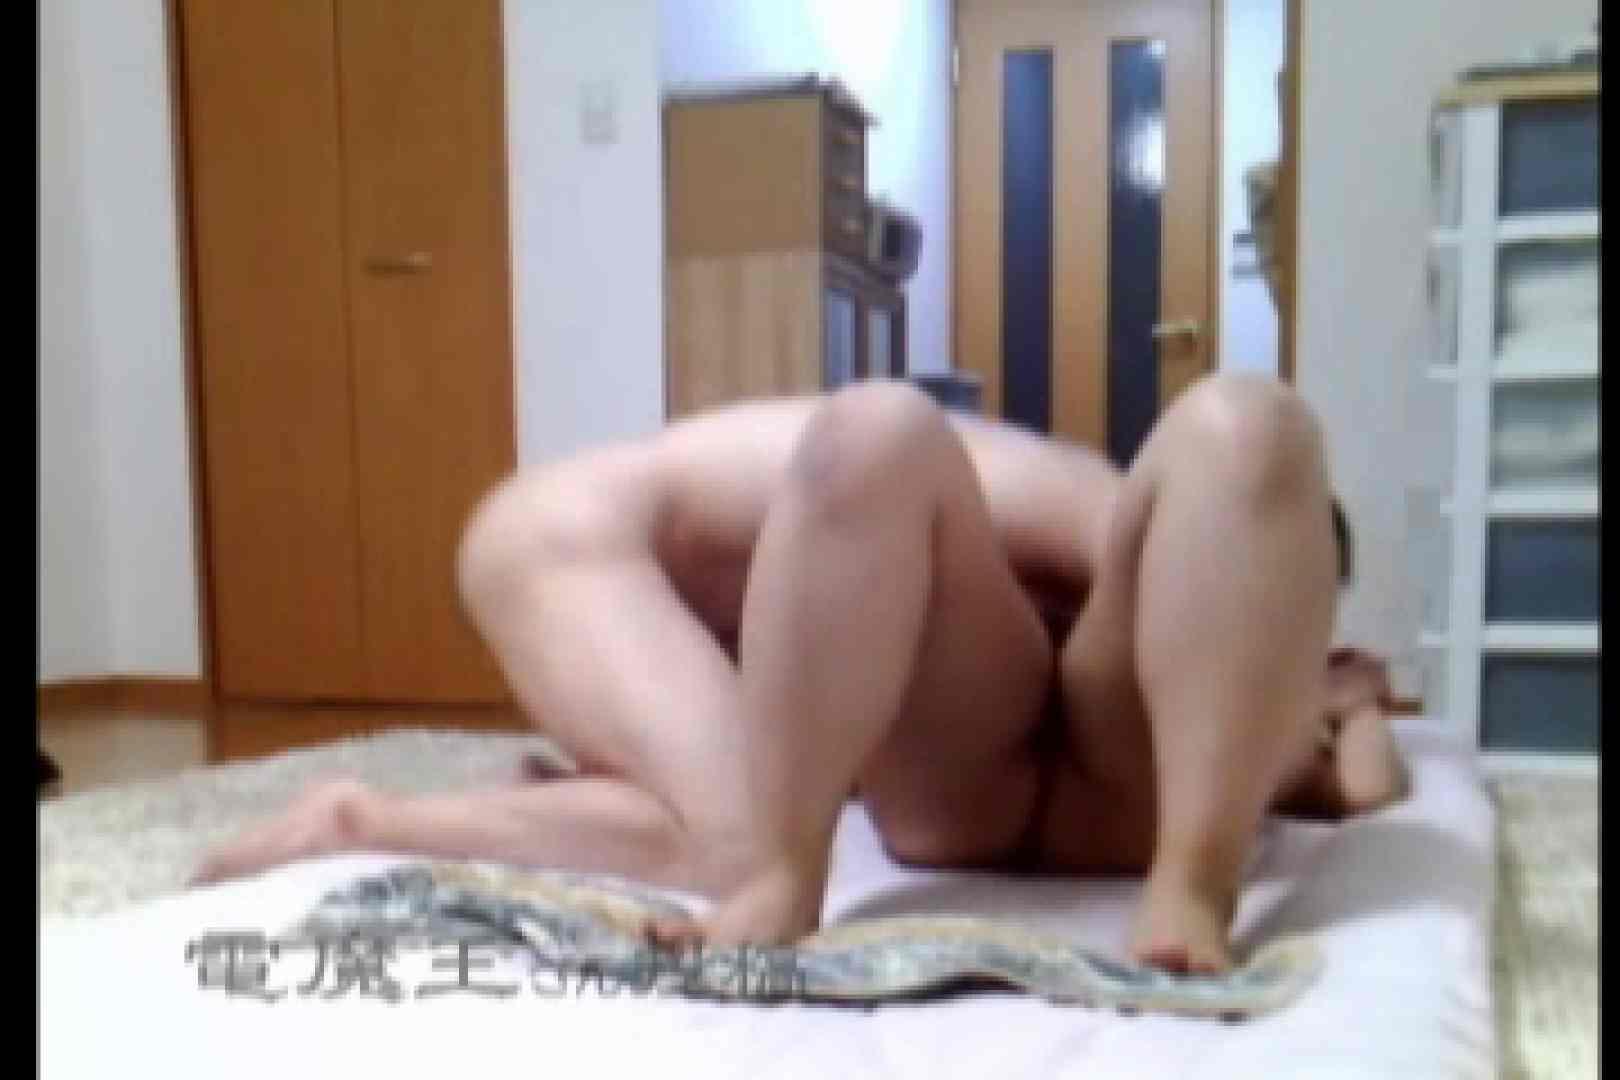 電魔王さんの「隠撮の部屋」アユ 隠撮 ヌード画像 63枚